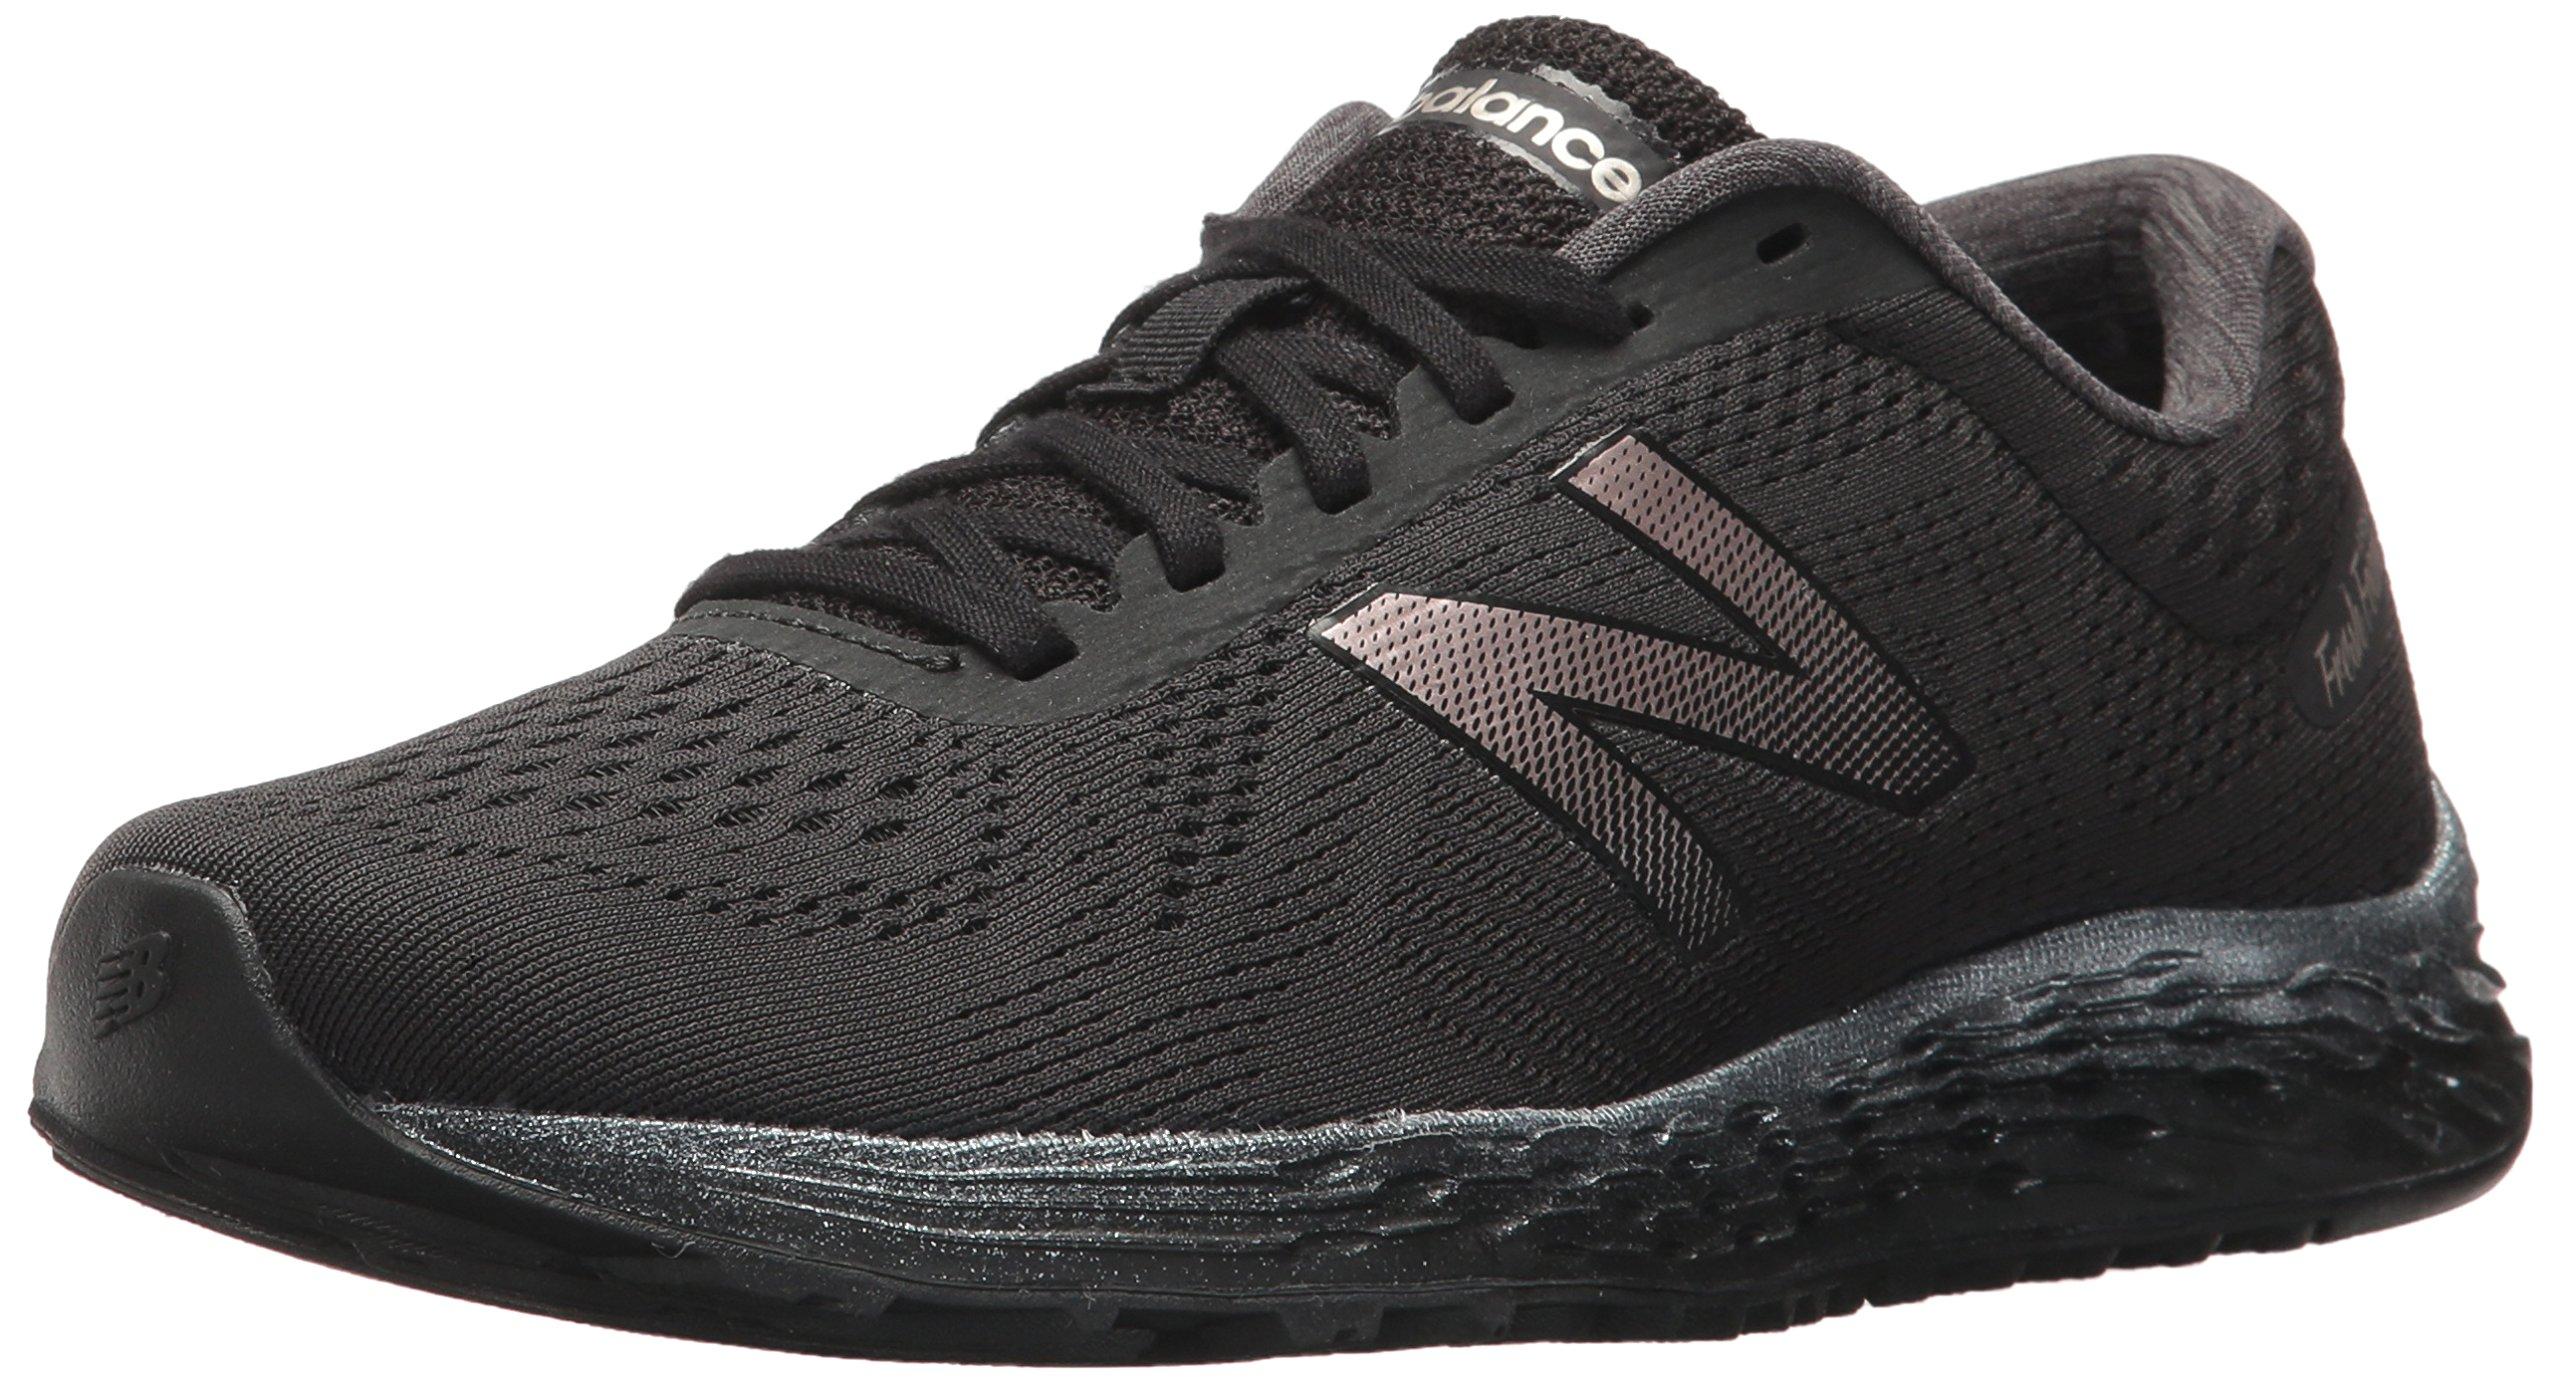 New Balance Women's Arishi v1 Fresh Foam Running Shoe, Black, 6.5 B US